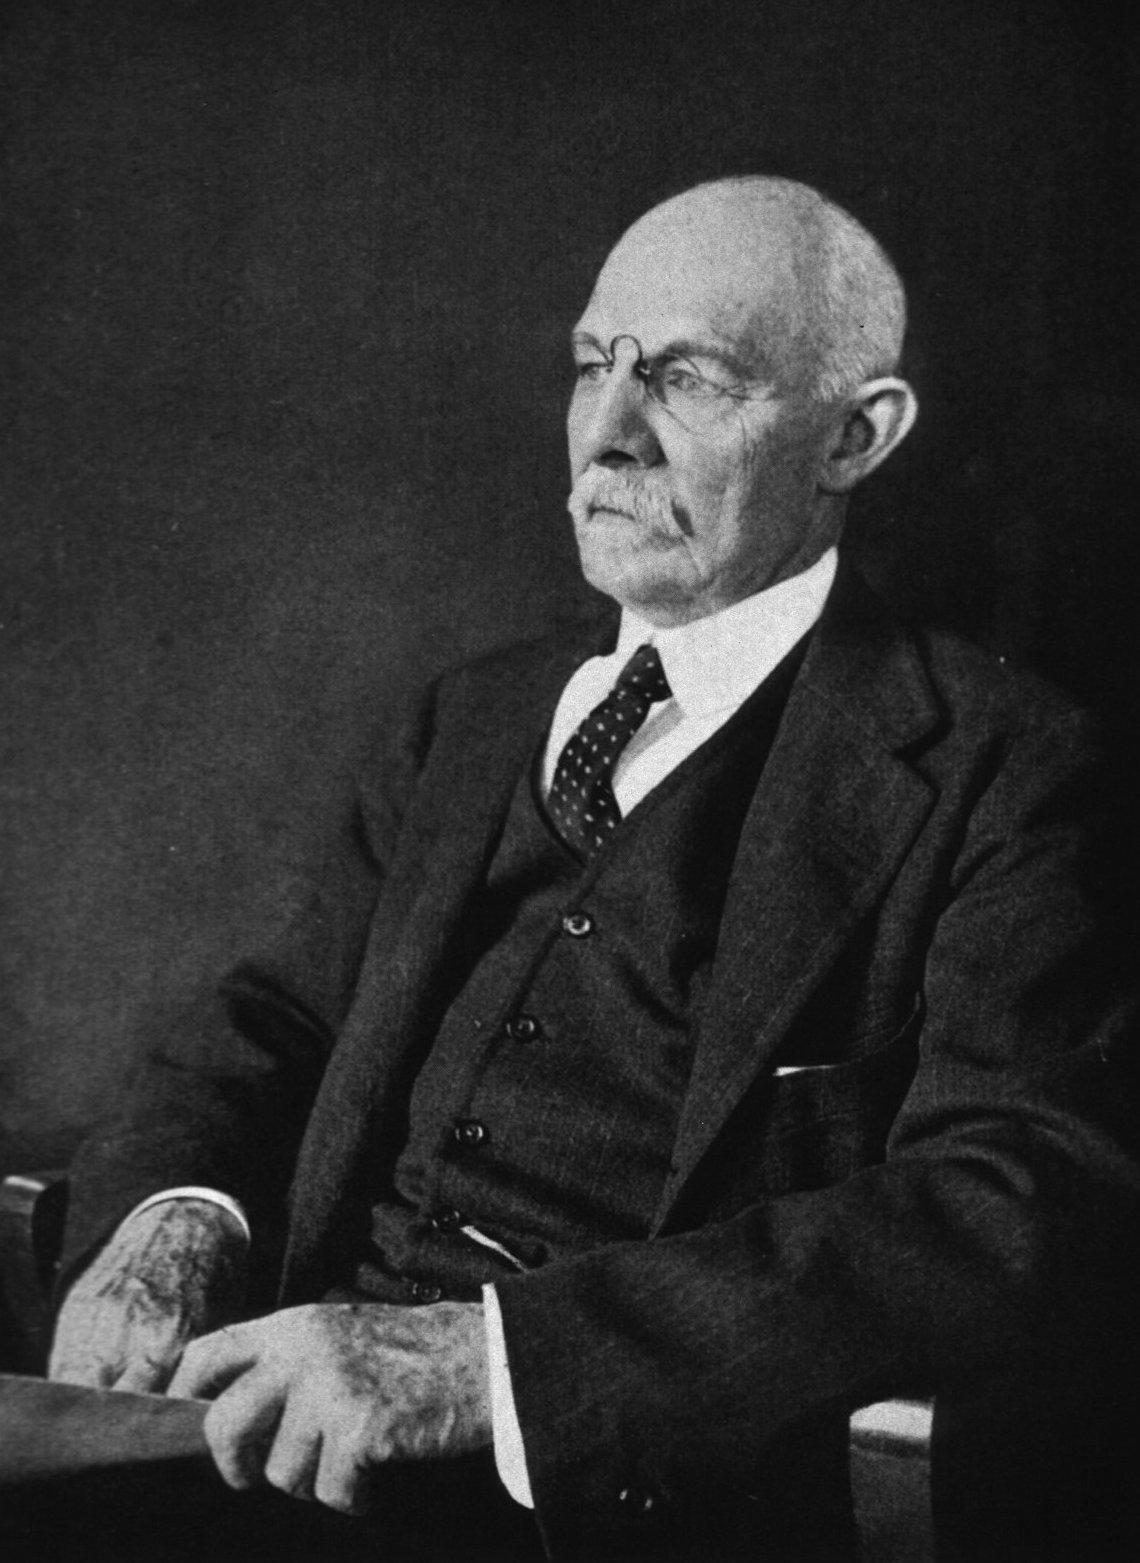 William Stewart Halstead, Father of Modern Surgery